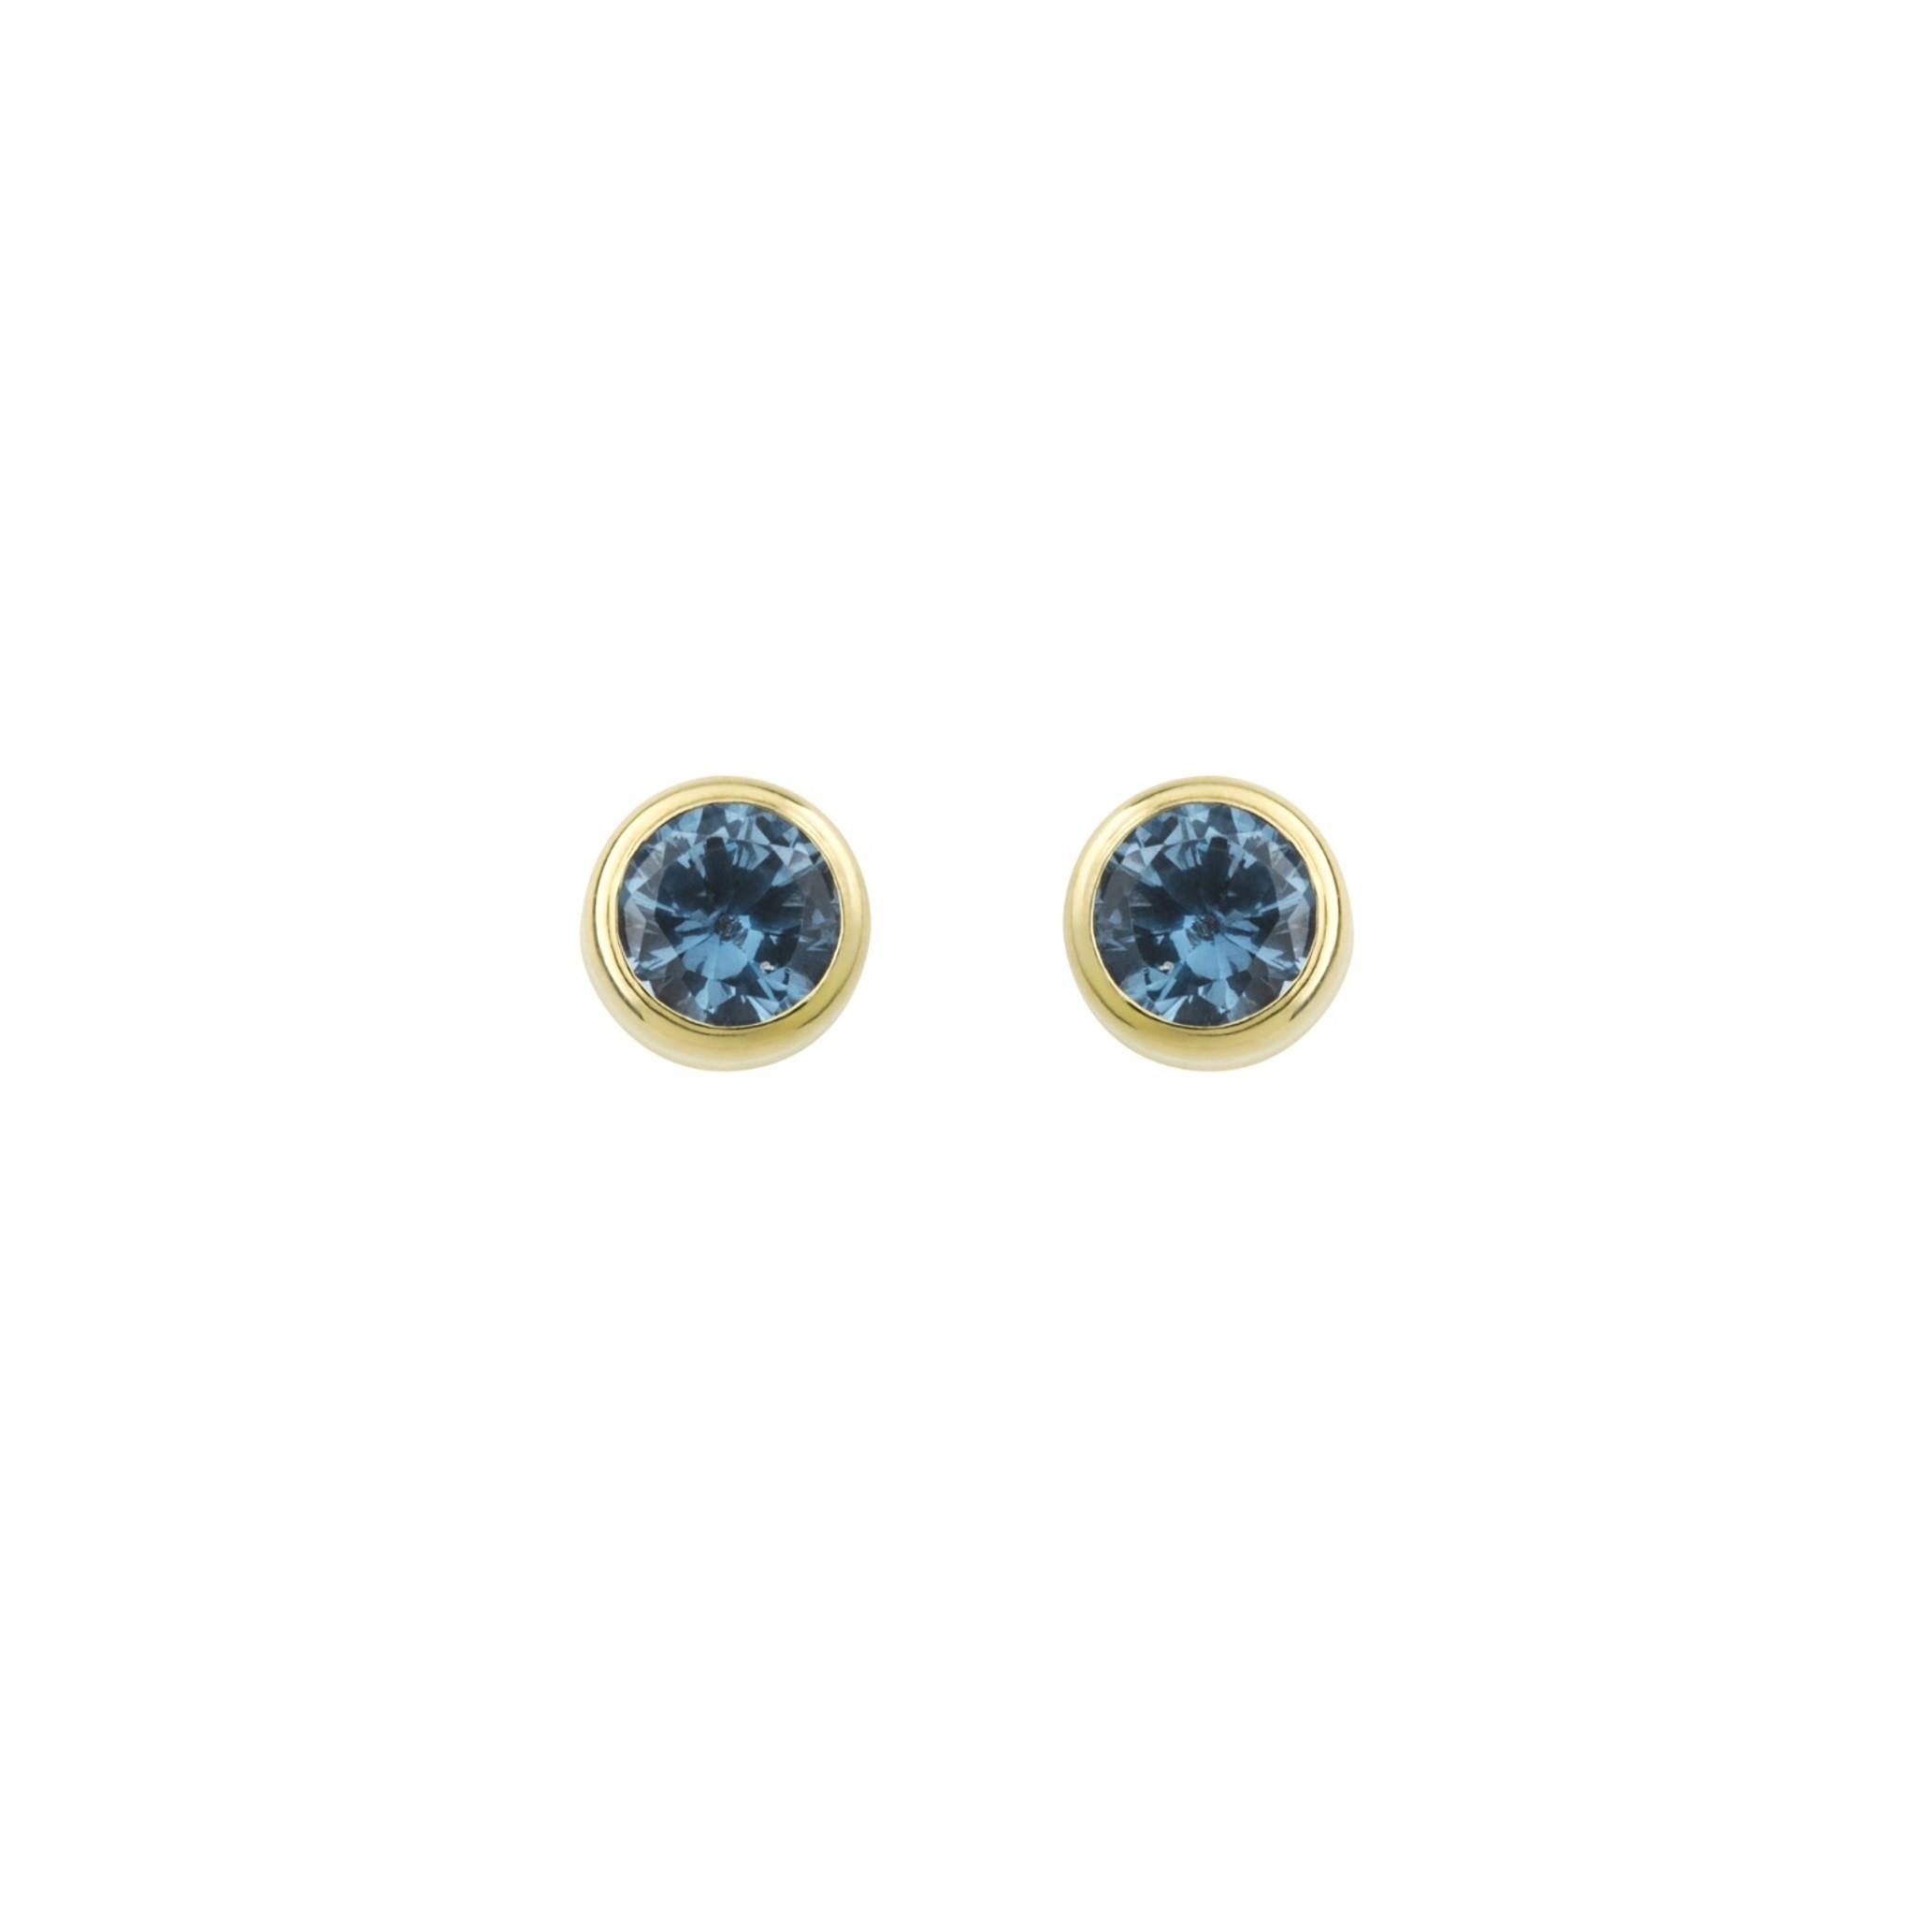 Ohrstecker für Damen, Gold 375, Aquamarin